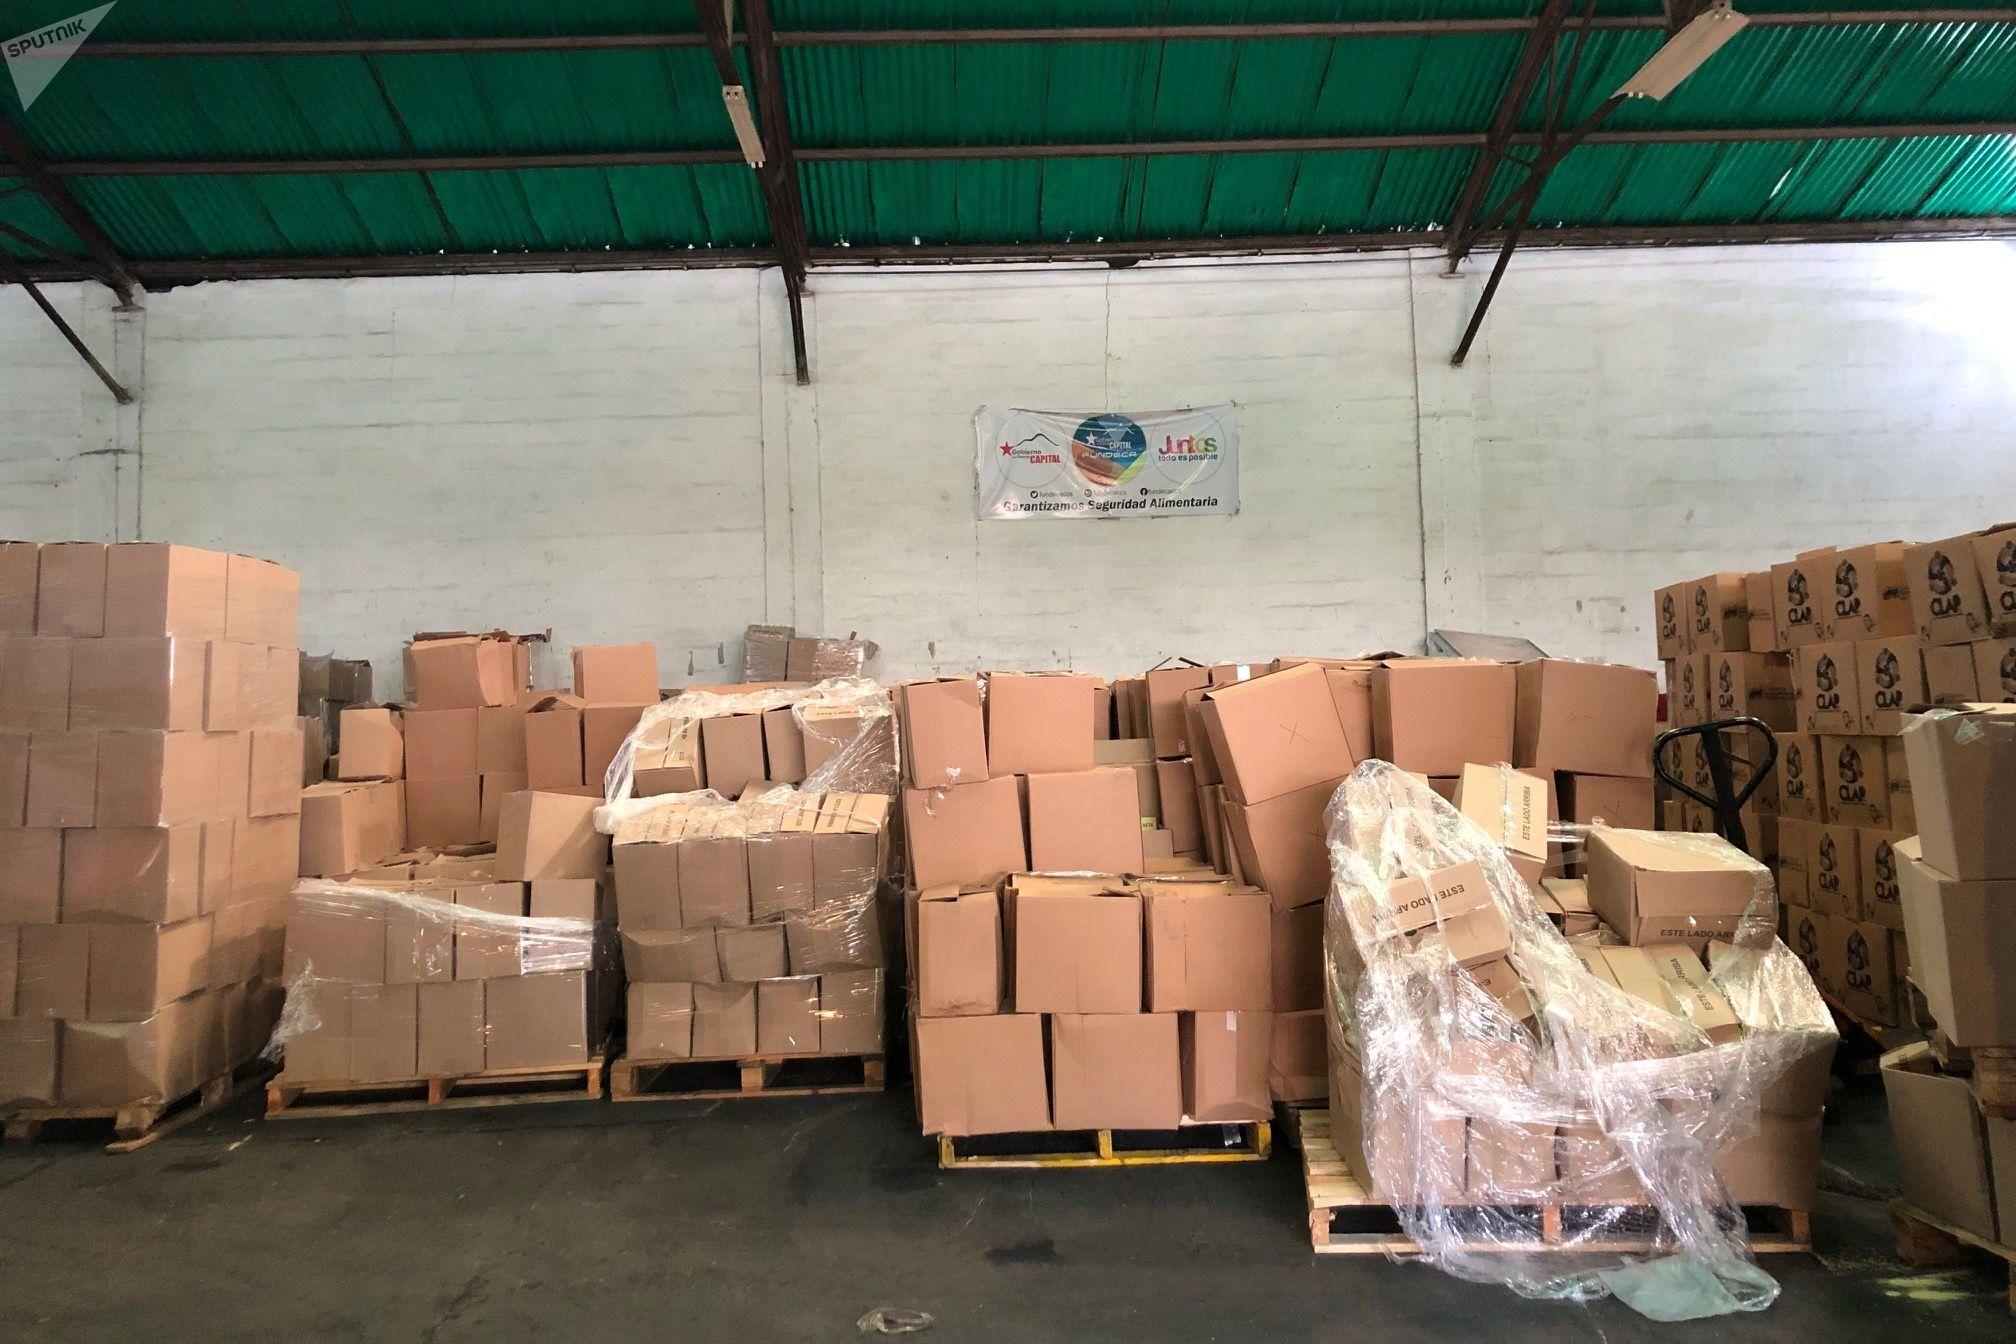 En 2019 los CLAPs han repartido —a pesar del bloqueo de EEUU— 42.086.449 cajas de alimentos a unos 6 millones de familias en toda Venezuela